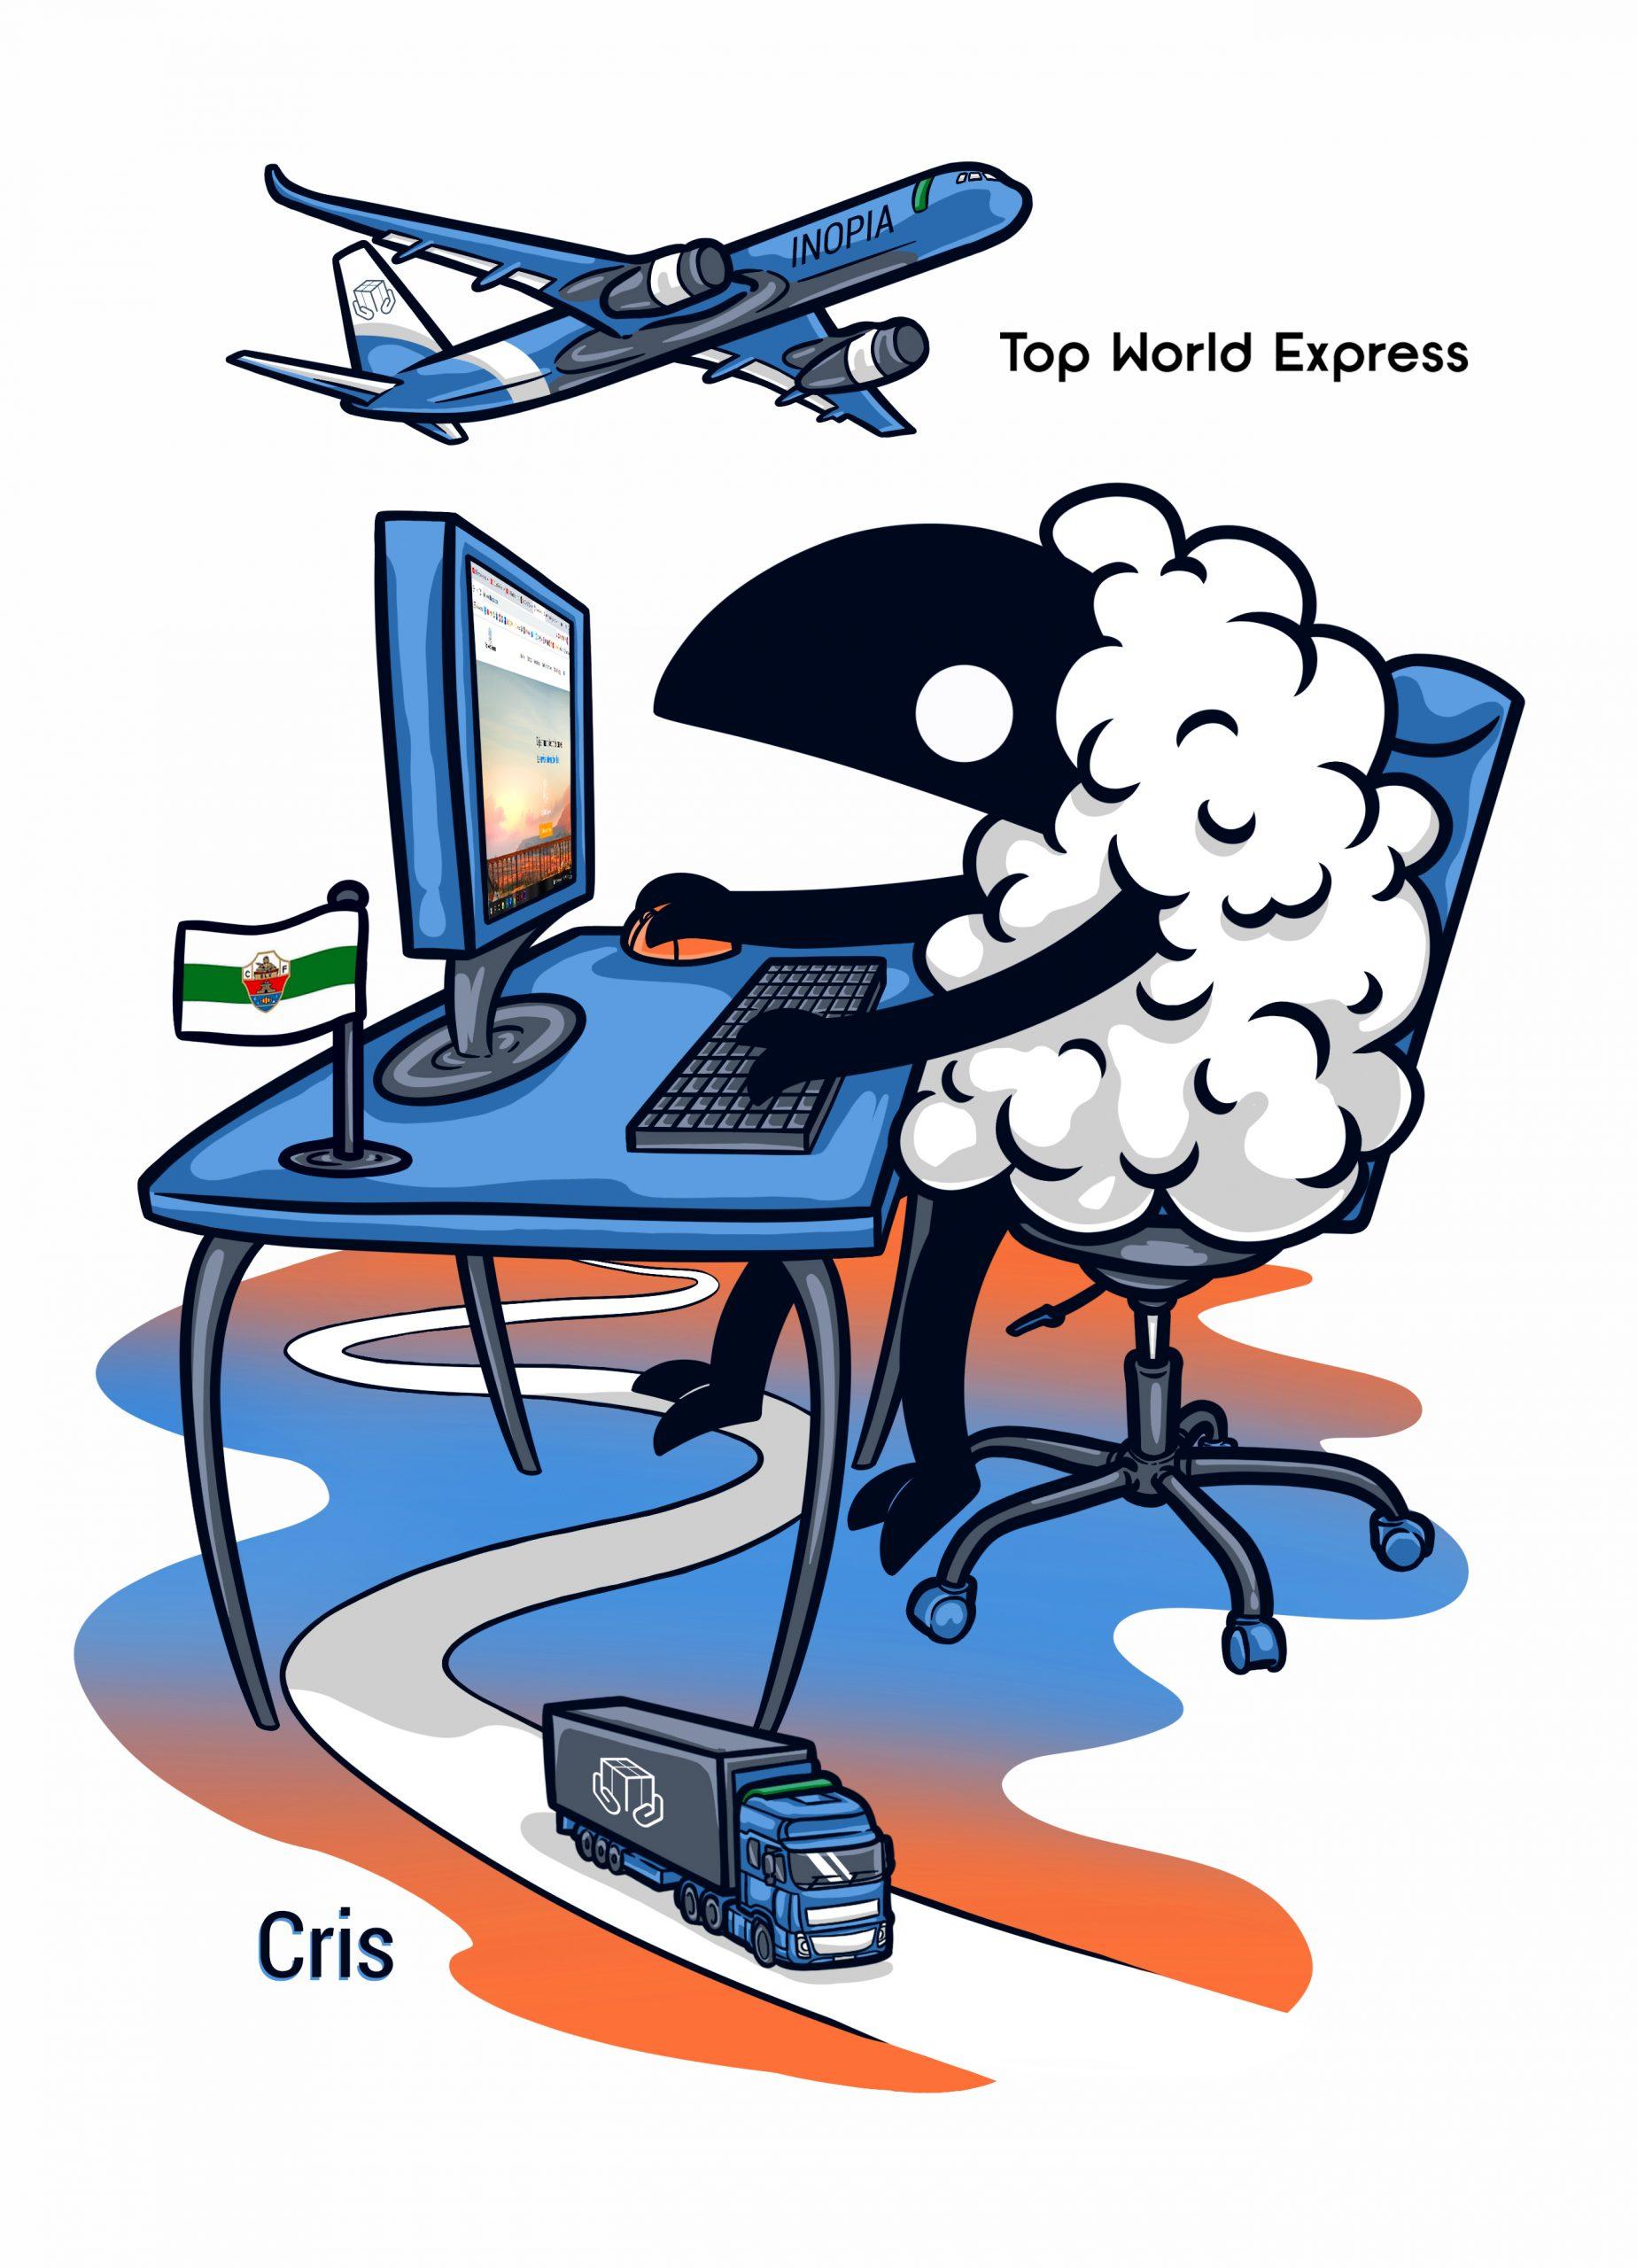 Top World Express - Regalo de despedida a una de sus empleadas.